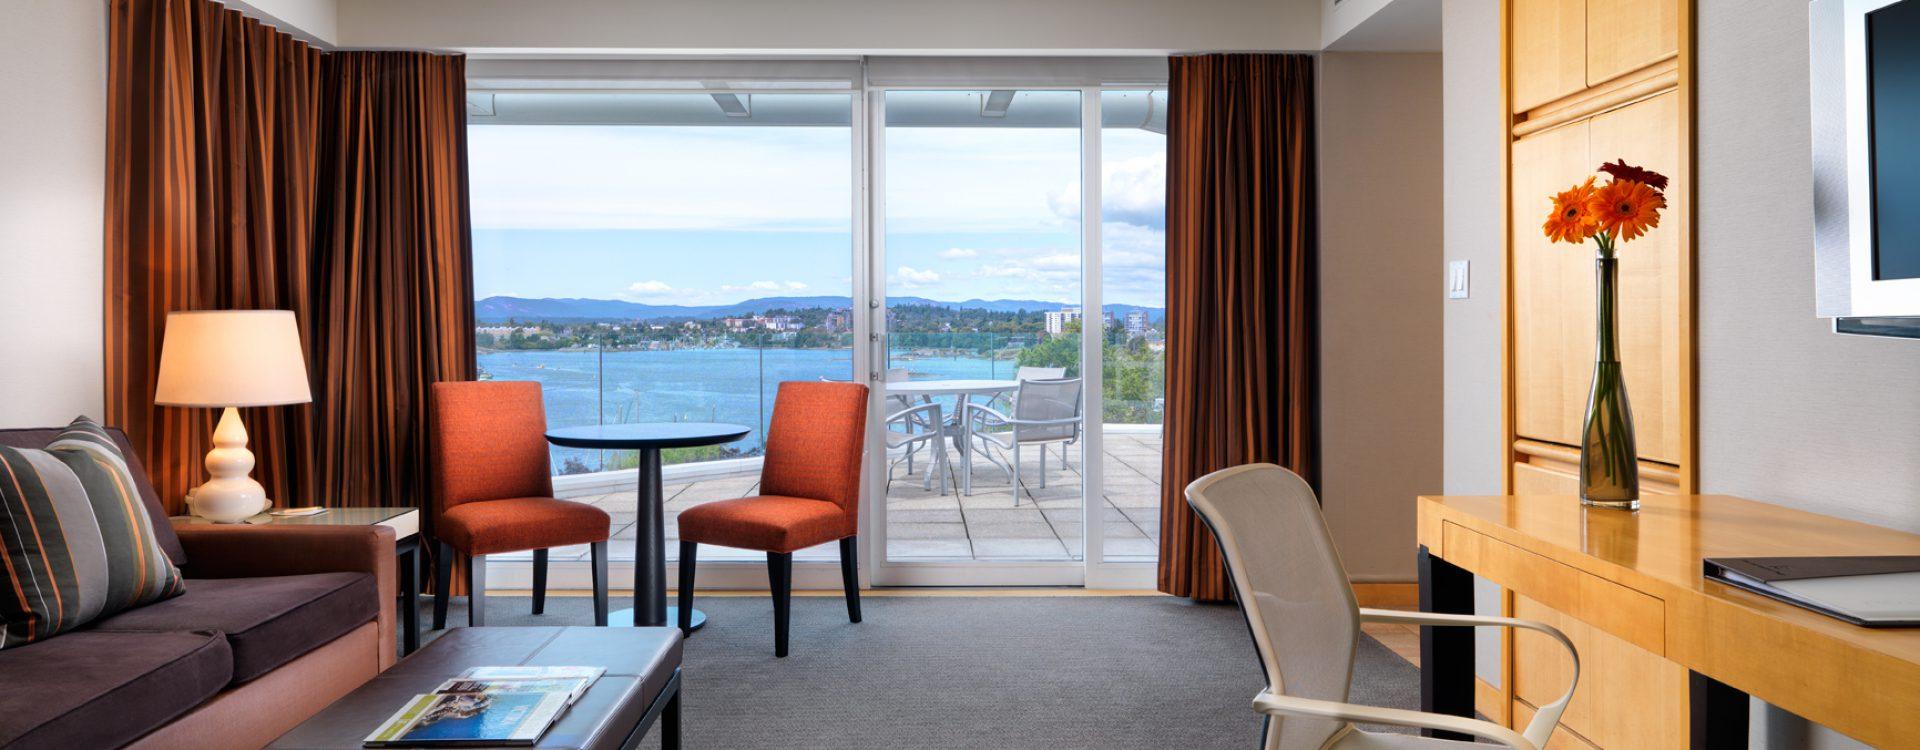 Luxury Dream Suite Living Room